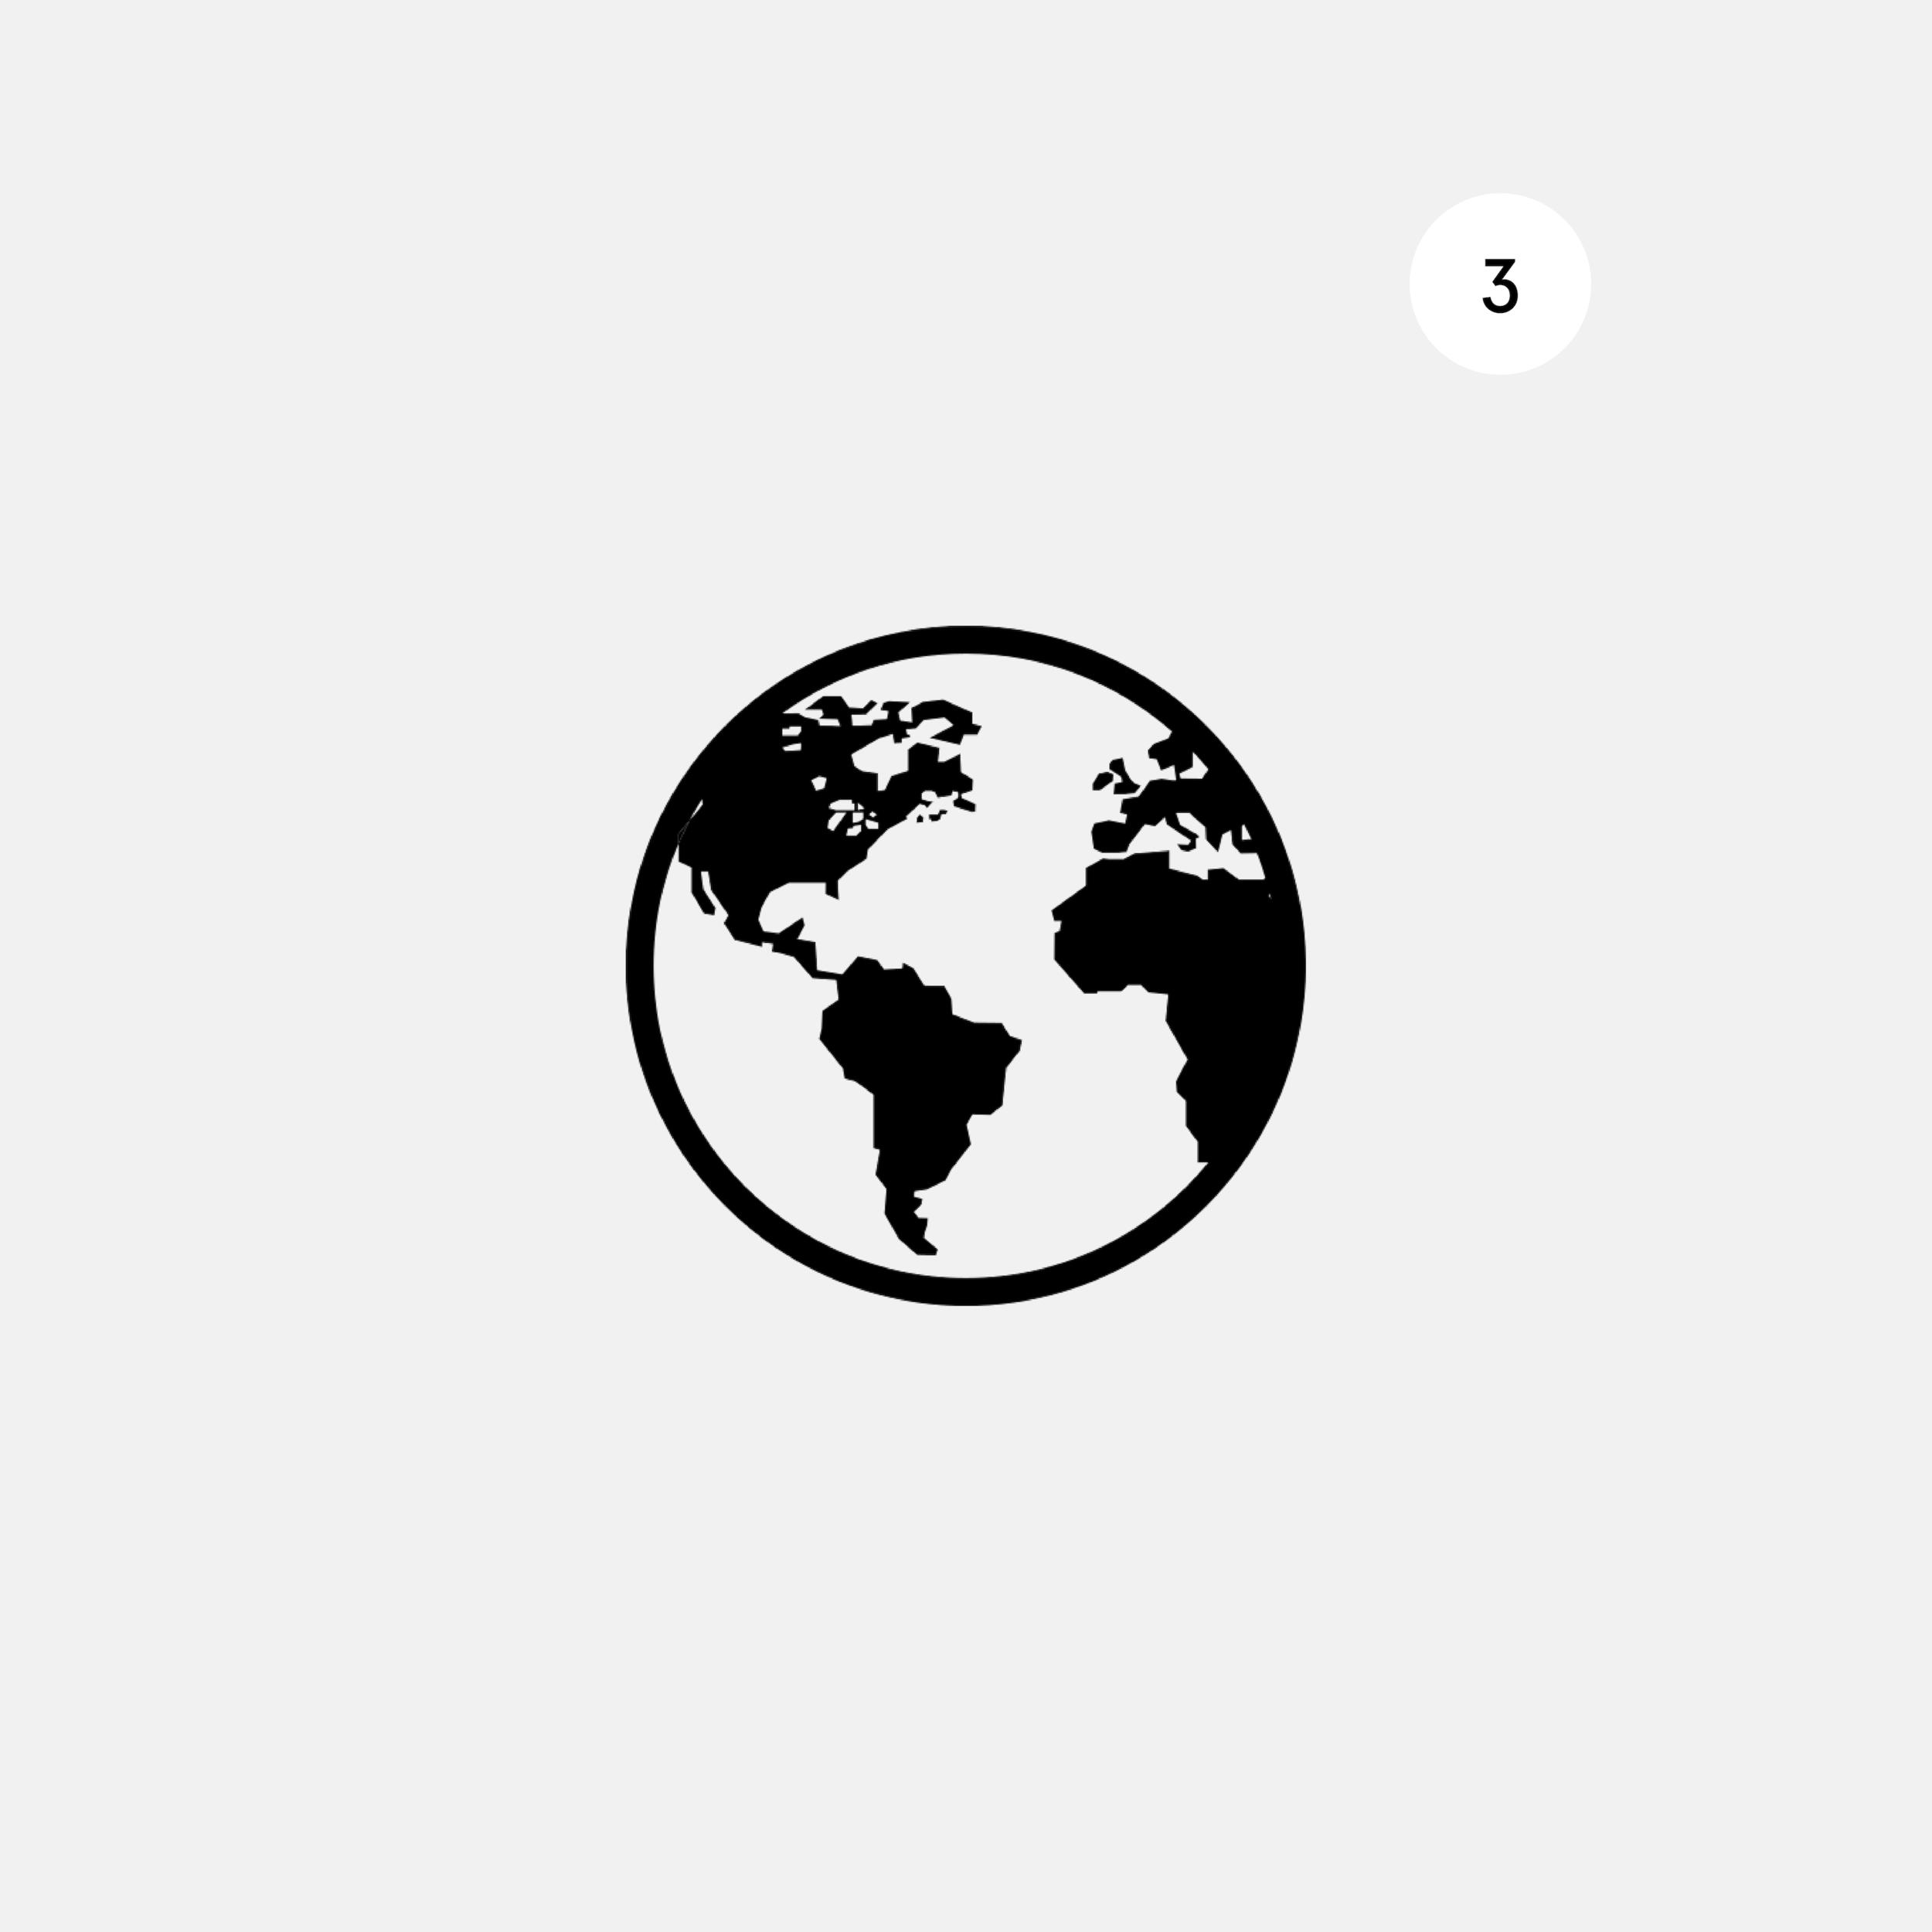 FRI FRAKT över hela världen -